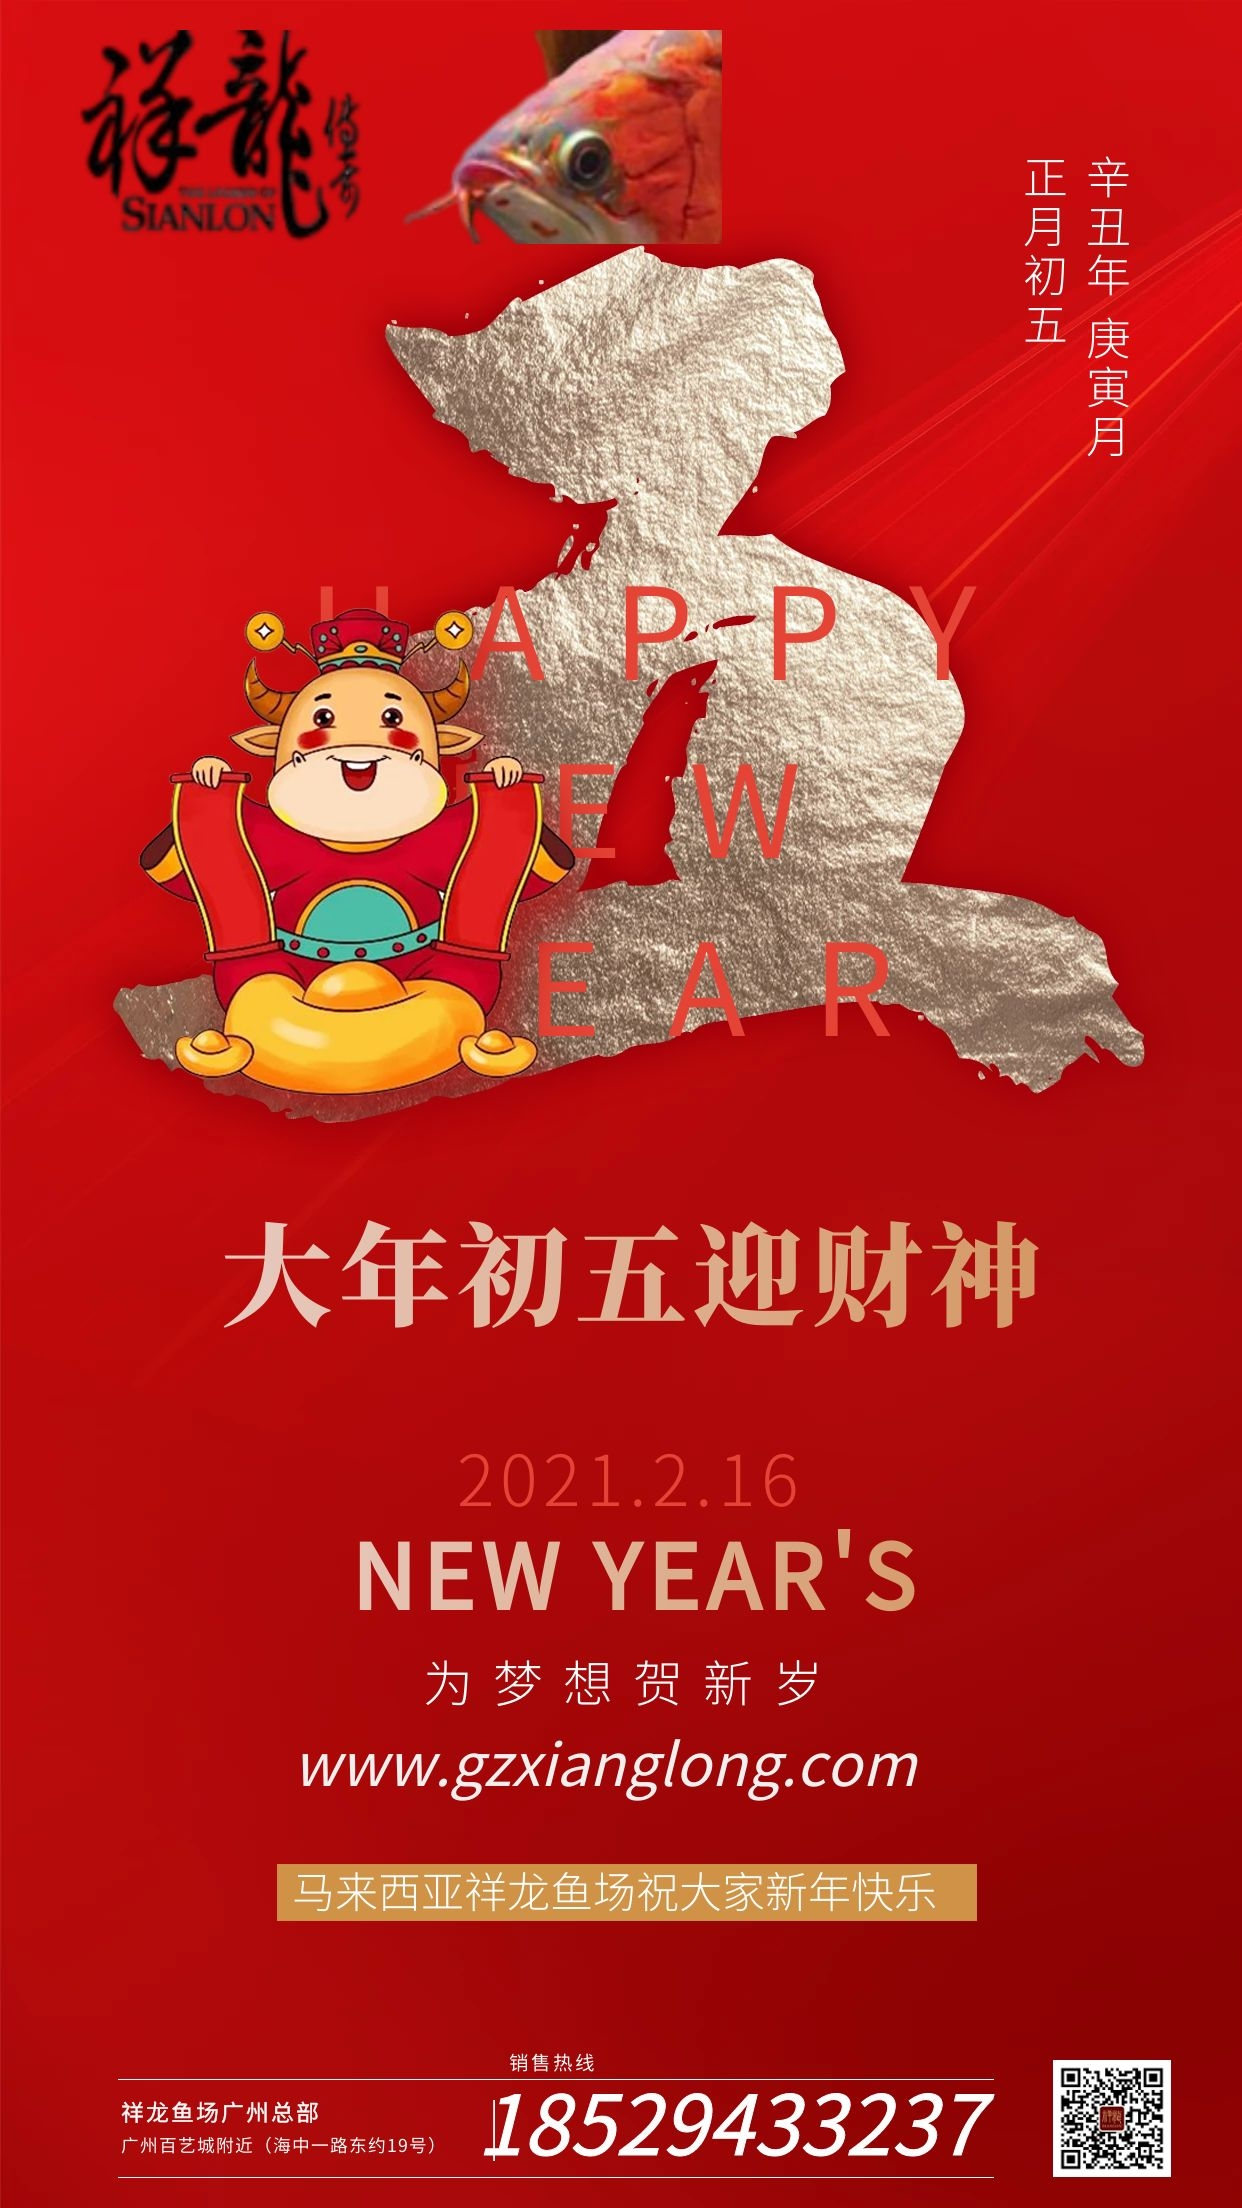 西安琉璃祥龙水族馆恭贺本市鱼友新春快乐祝福2021 西安水族馆信息 西安博特第8张